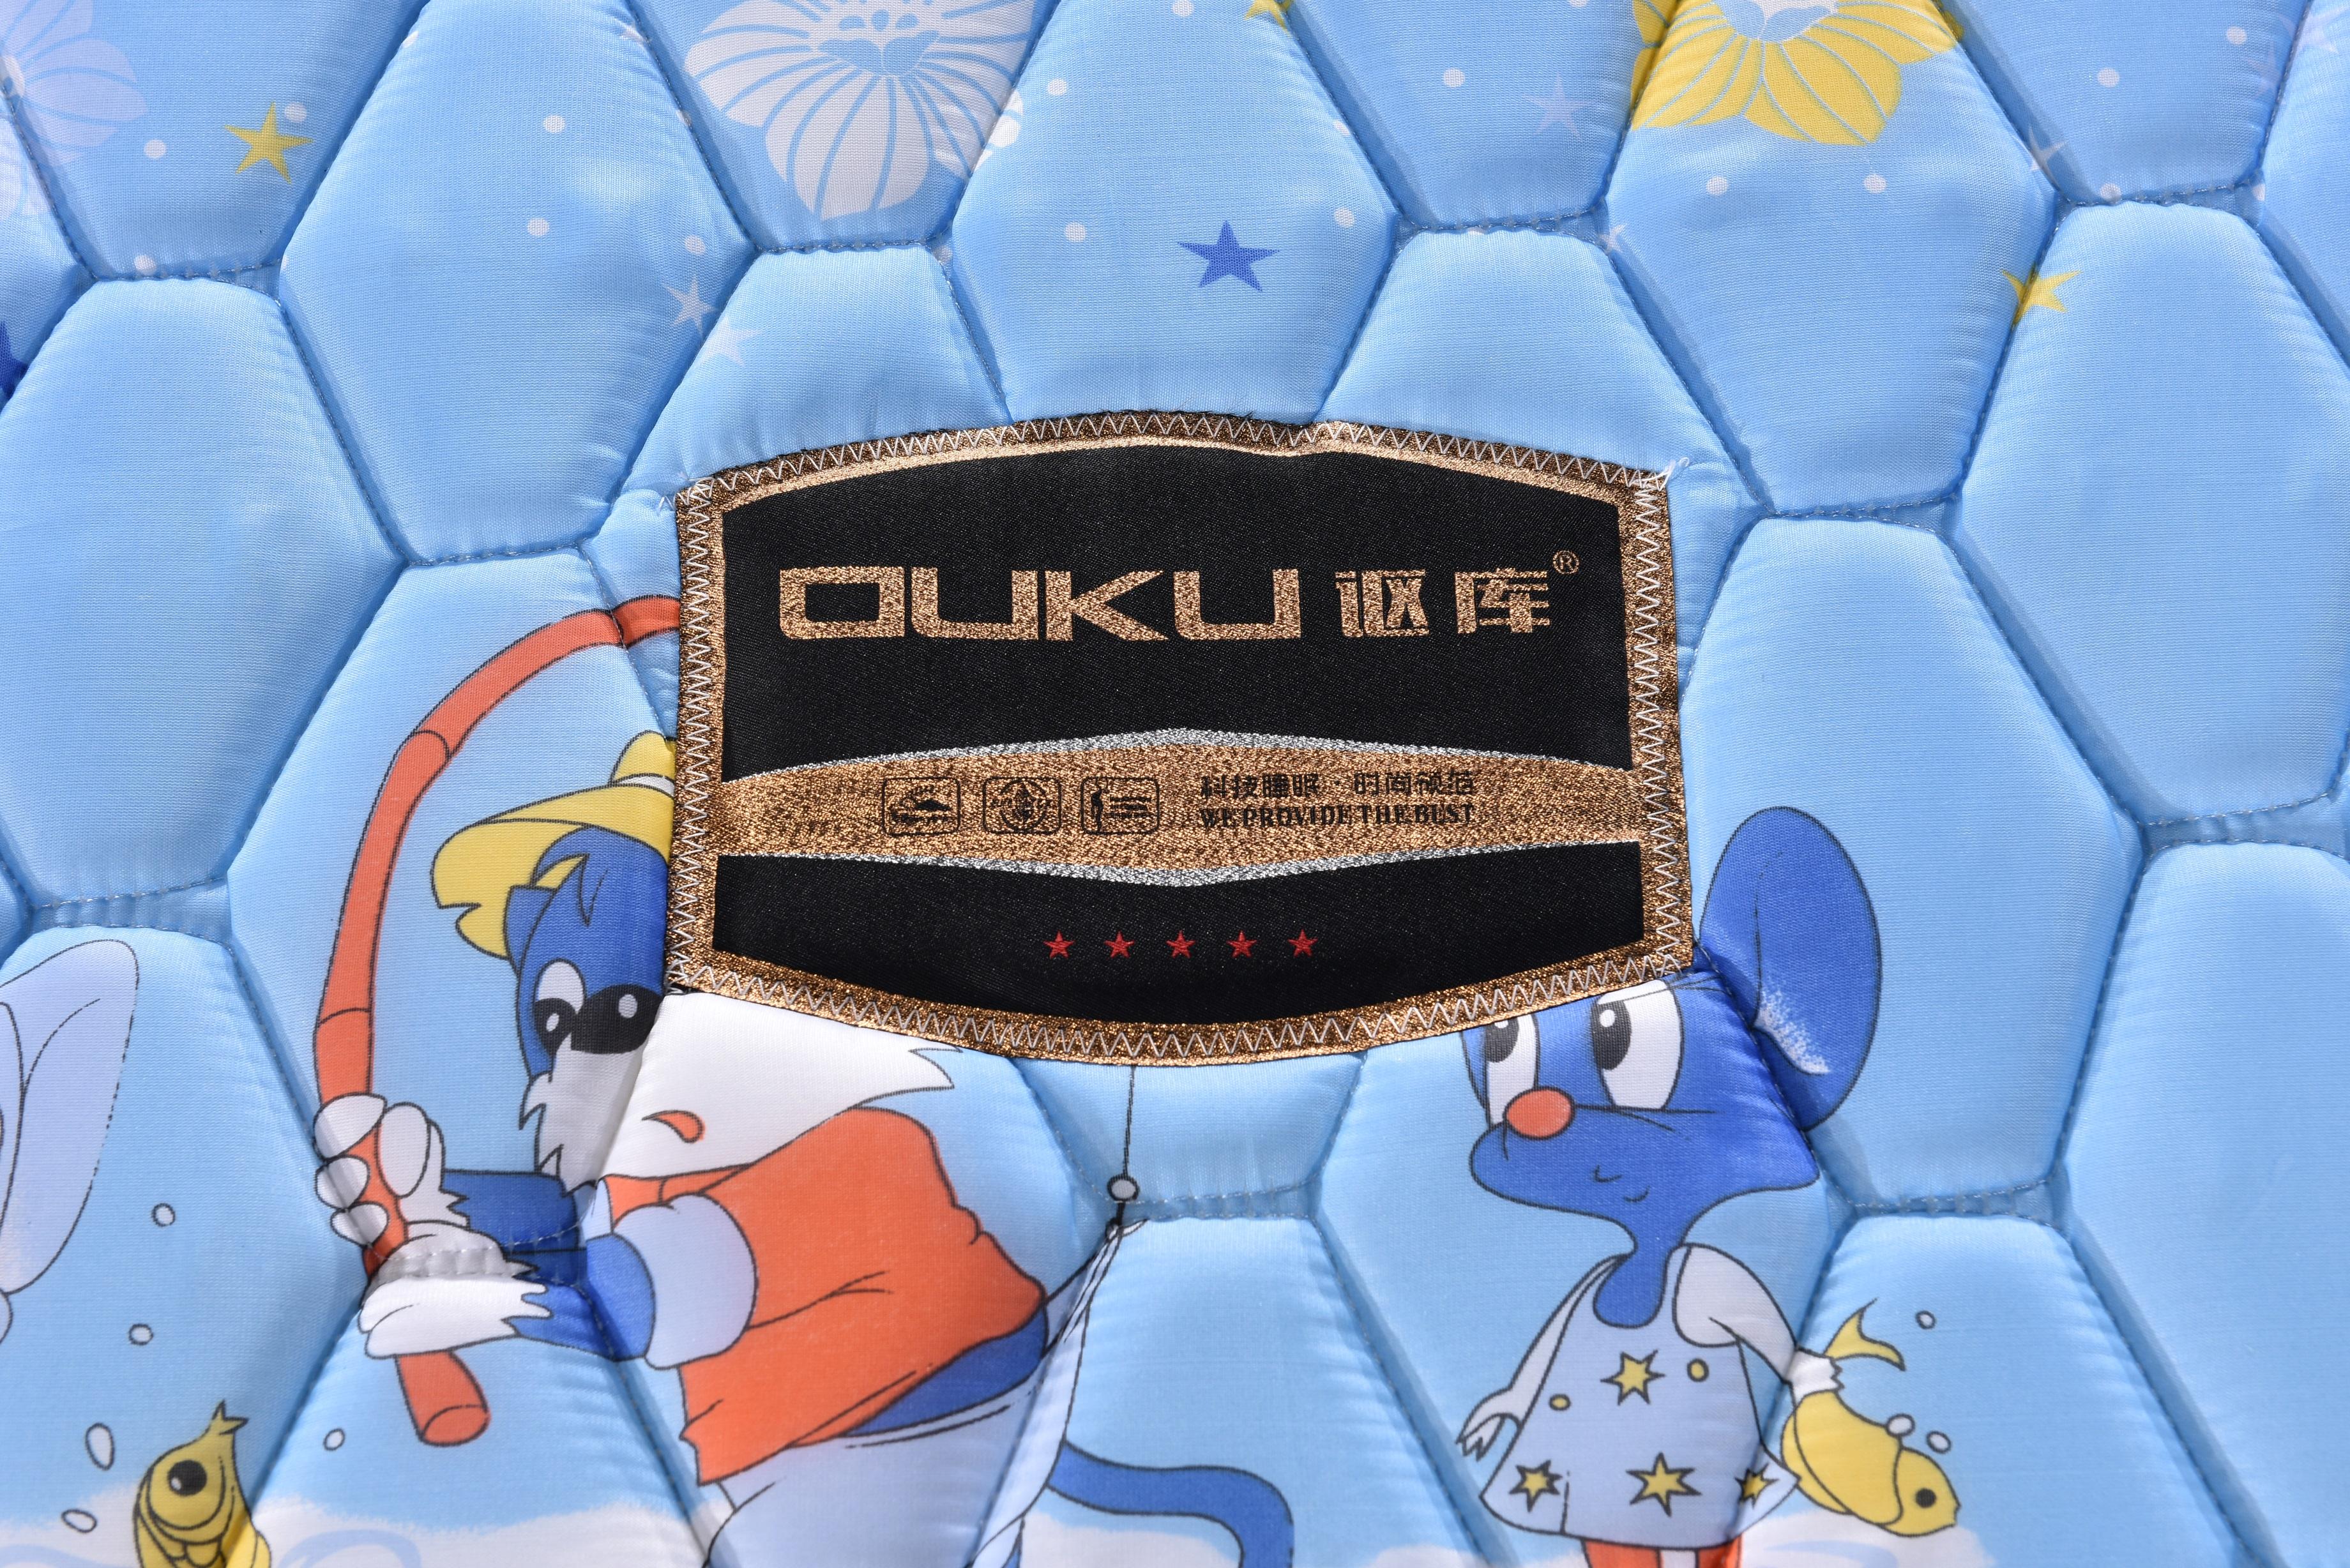 广东儿童棕垫厂家 佛山儿童棕垫供应商 儿童棕垫批发 儿童床垫加工定做